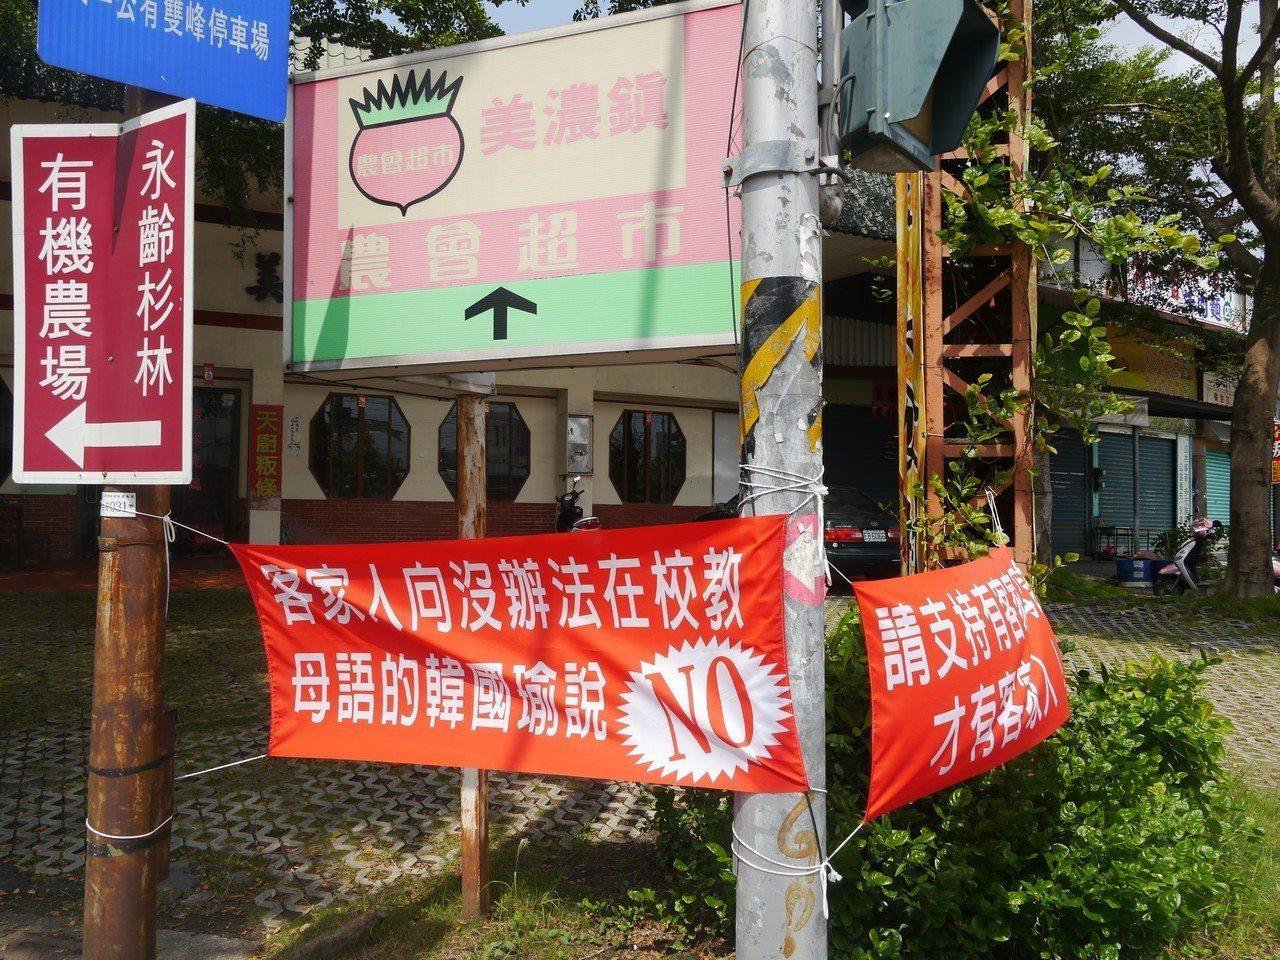 美濃街頭張掛的紅布條點名國民黨高雄市長參選人韓國瑜,出處不明。記者徐白櫻/攝影